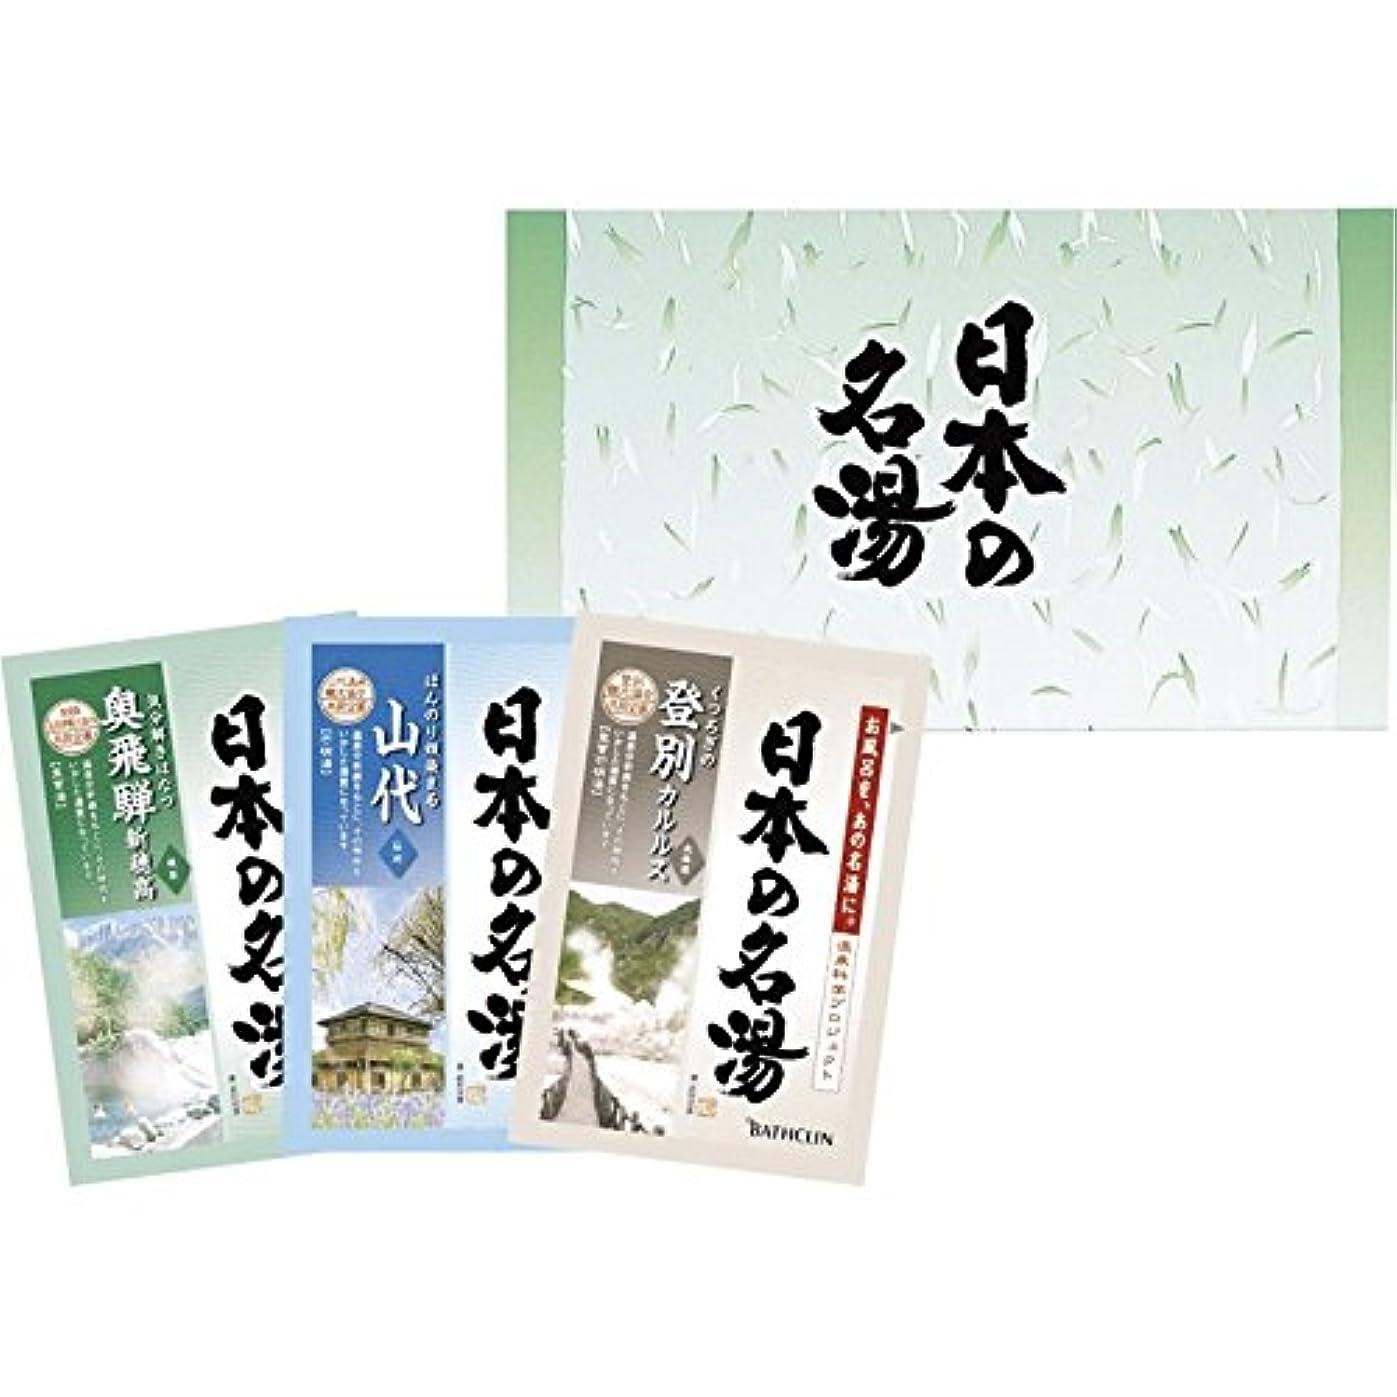 正規化不適切なギャラリーバスクリン 日本の名湯 3包セット 【ギフトセット あたたまる あったまる ぽかぽか つめあわせ 詰め合わせ アソート バス用品 お風呂用品 300】